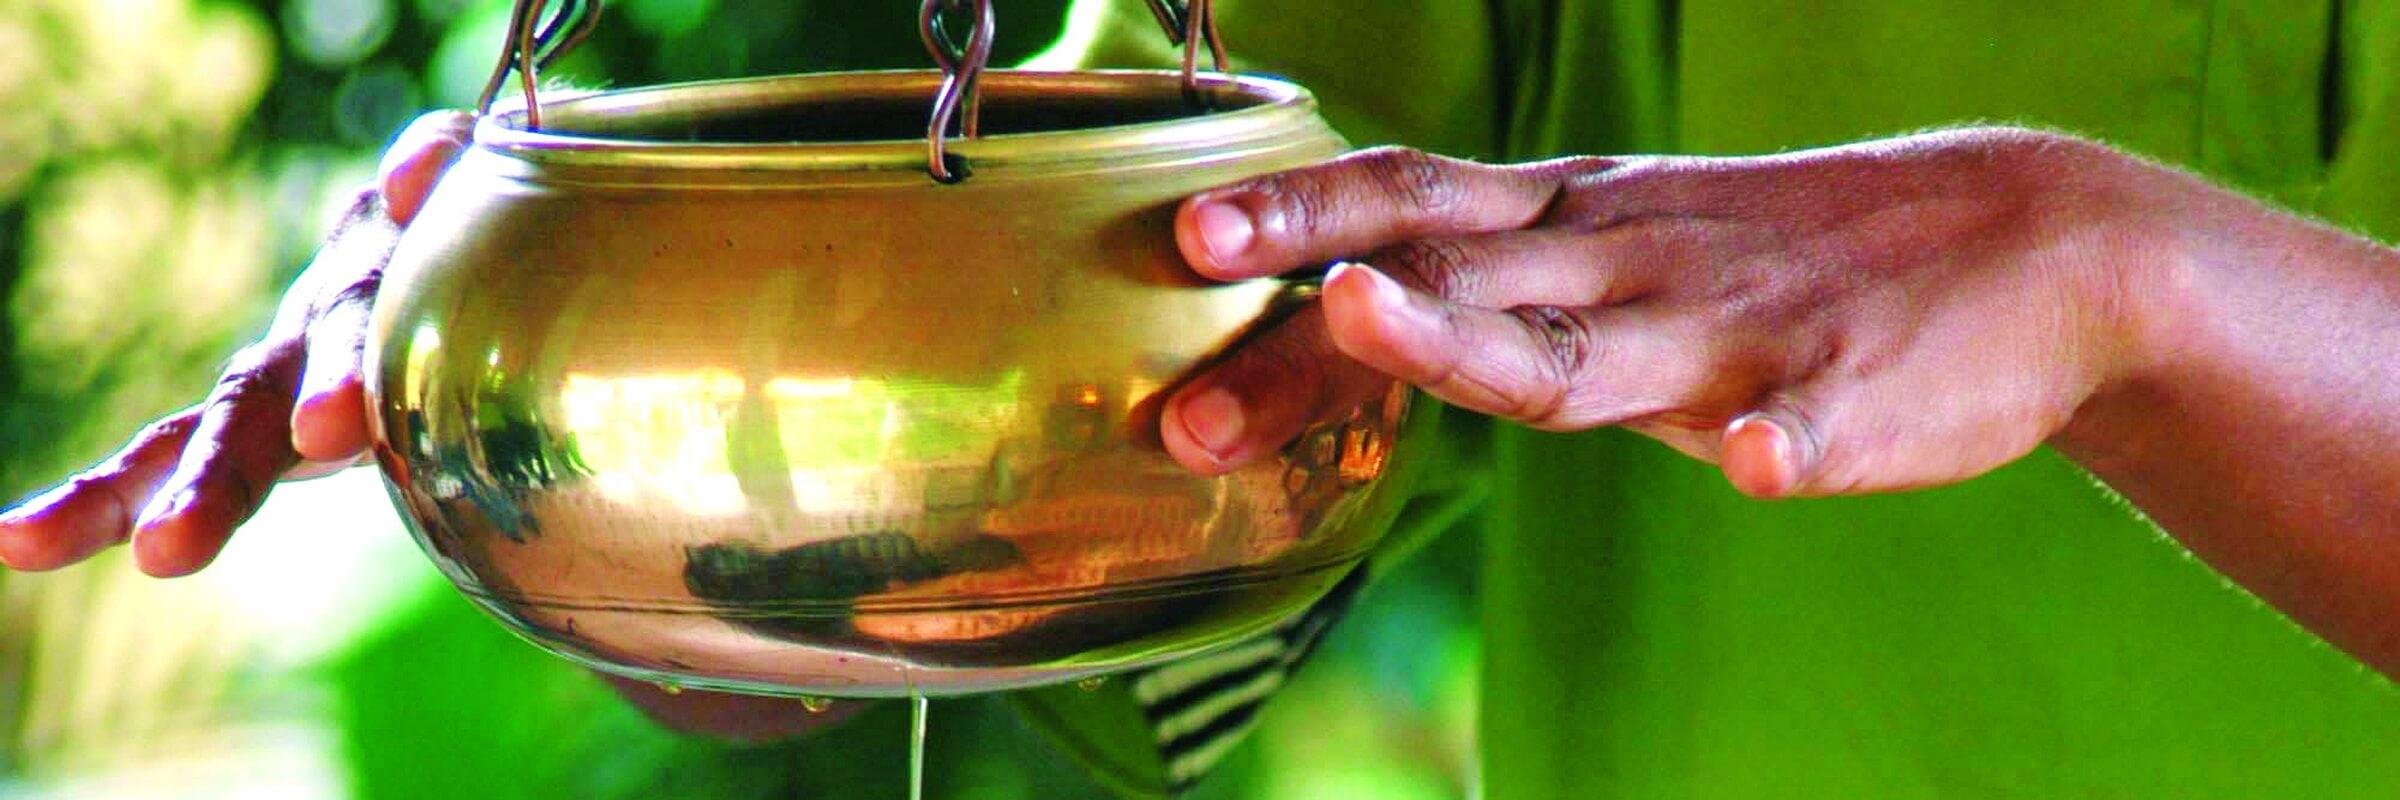 Beim ayurvedischen Stirnguss (Shirodhara) wird warmes Öl über Stirn und Kopf gegossen um die Gehirnhälften in Einklang zu bringen und den Geist zu entspannen.